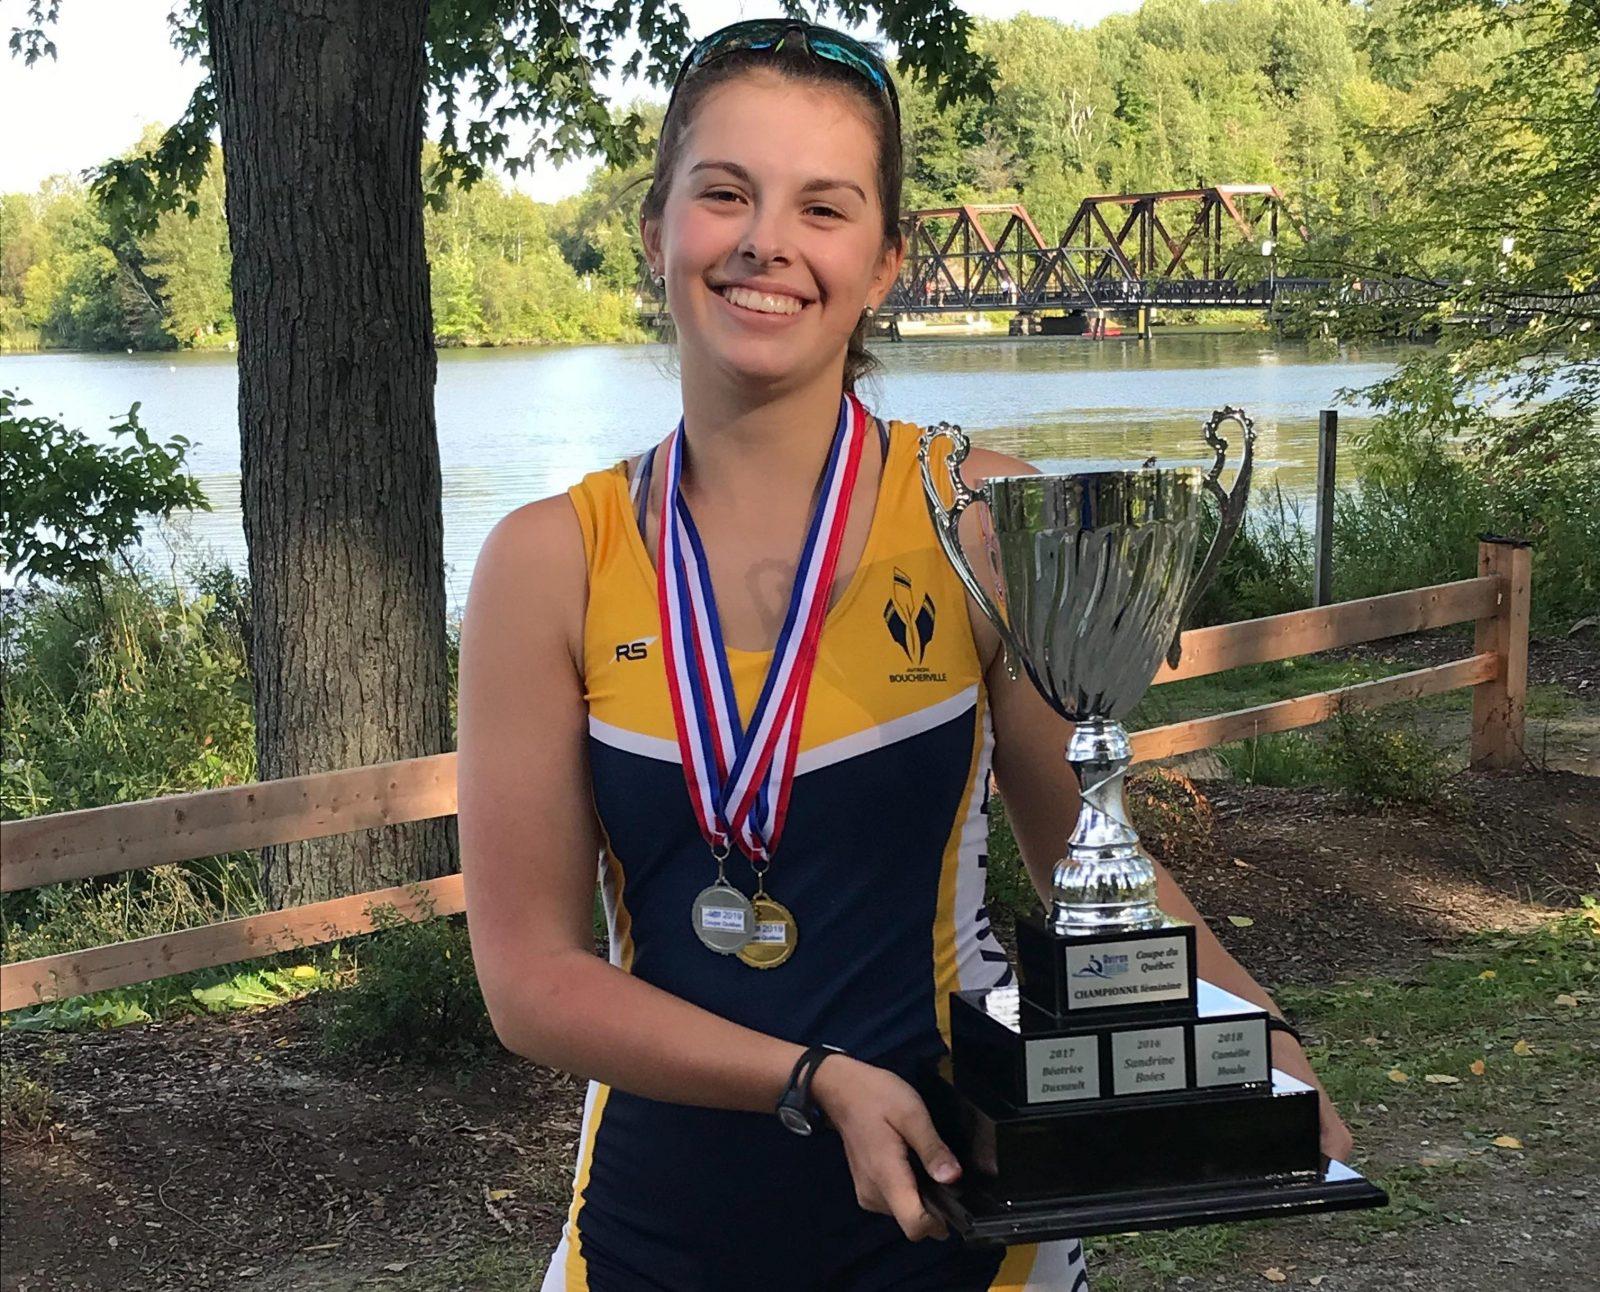 Sandrine Noël couronnée championne du Québec en aviron